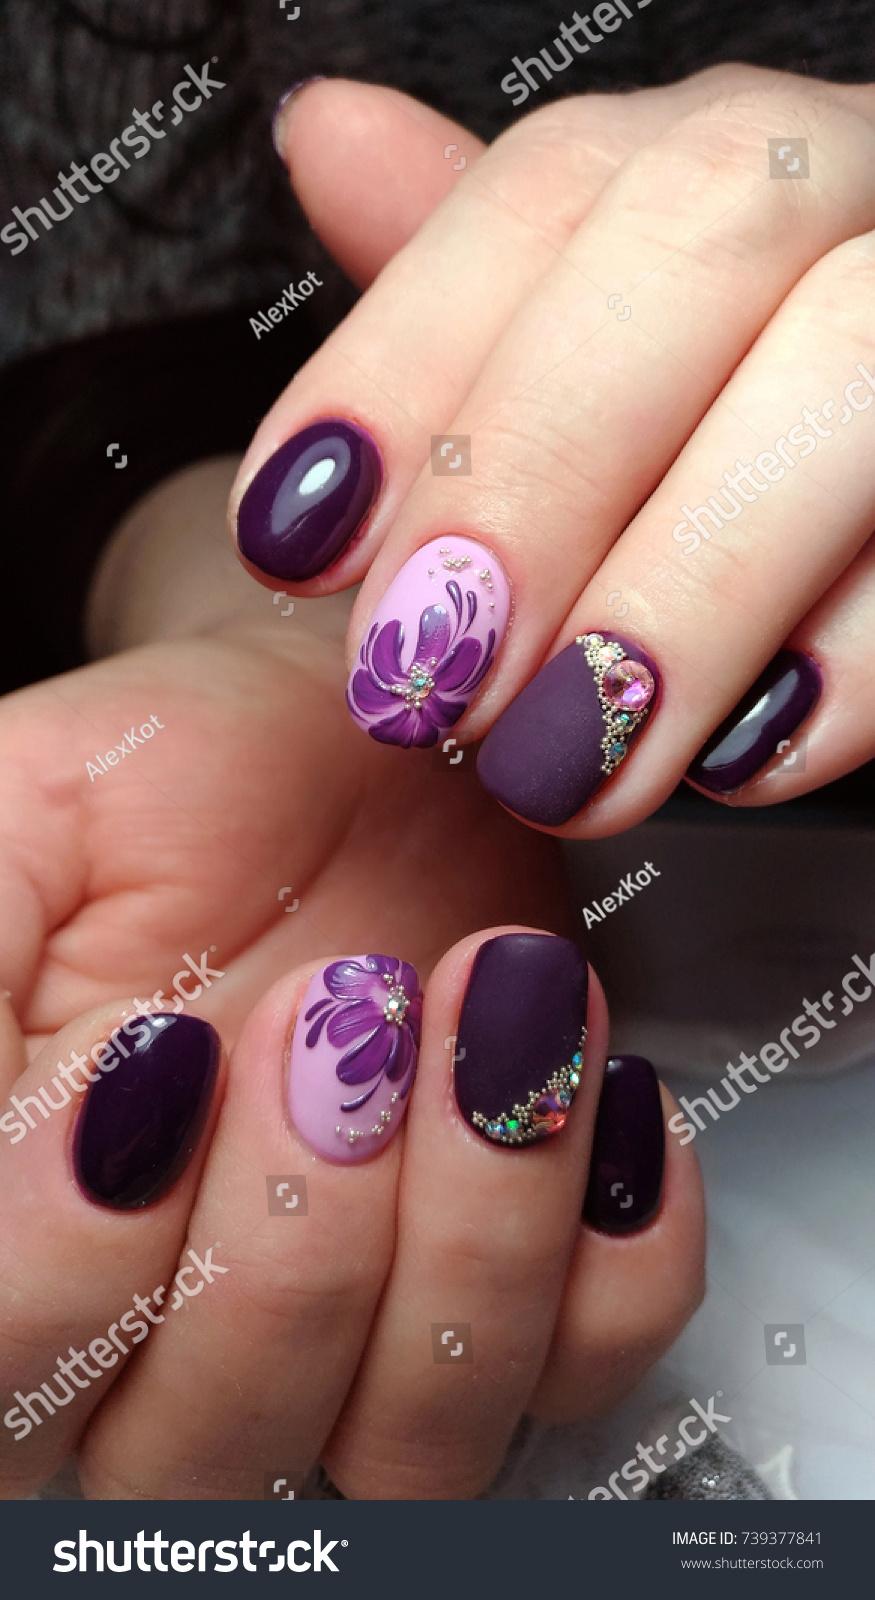 Beautiful Dark Nail Design Rhinestones Purple Stock Photo 739377841 ...